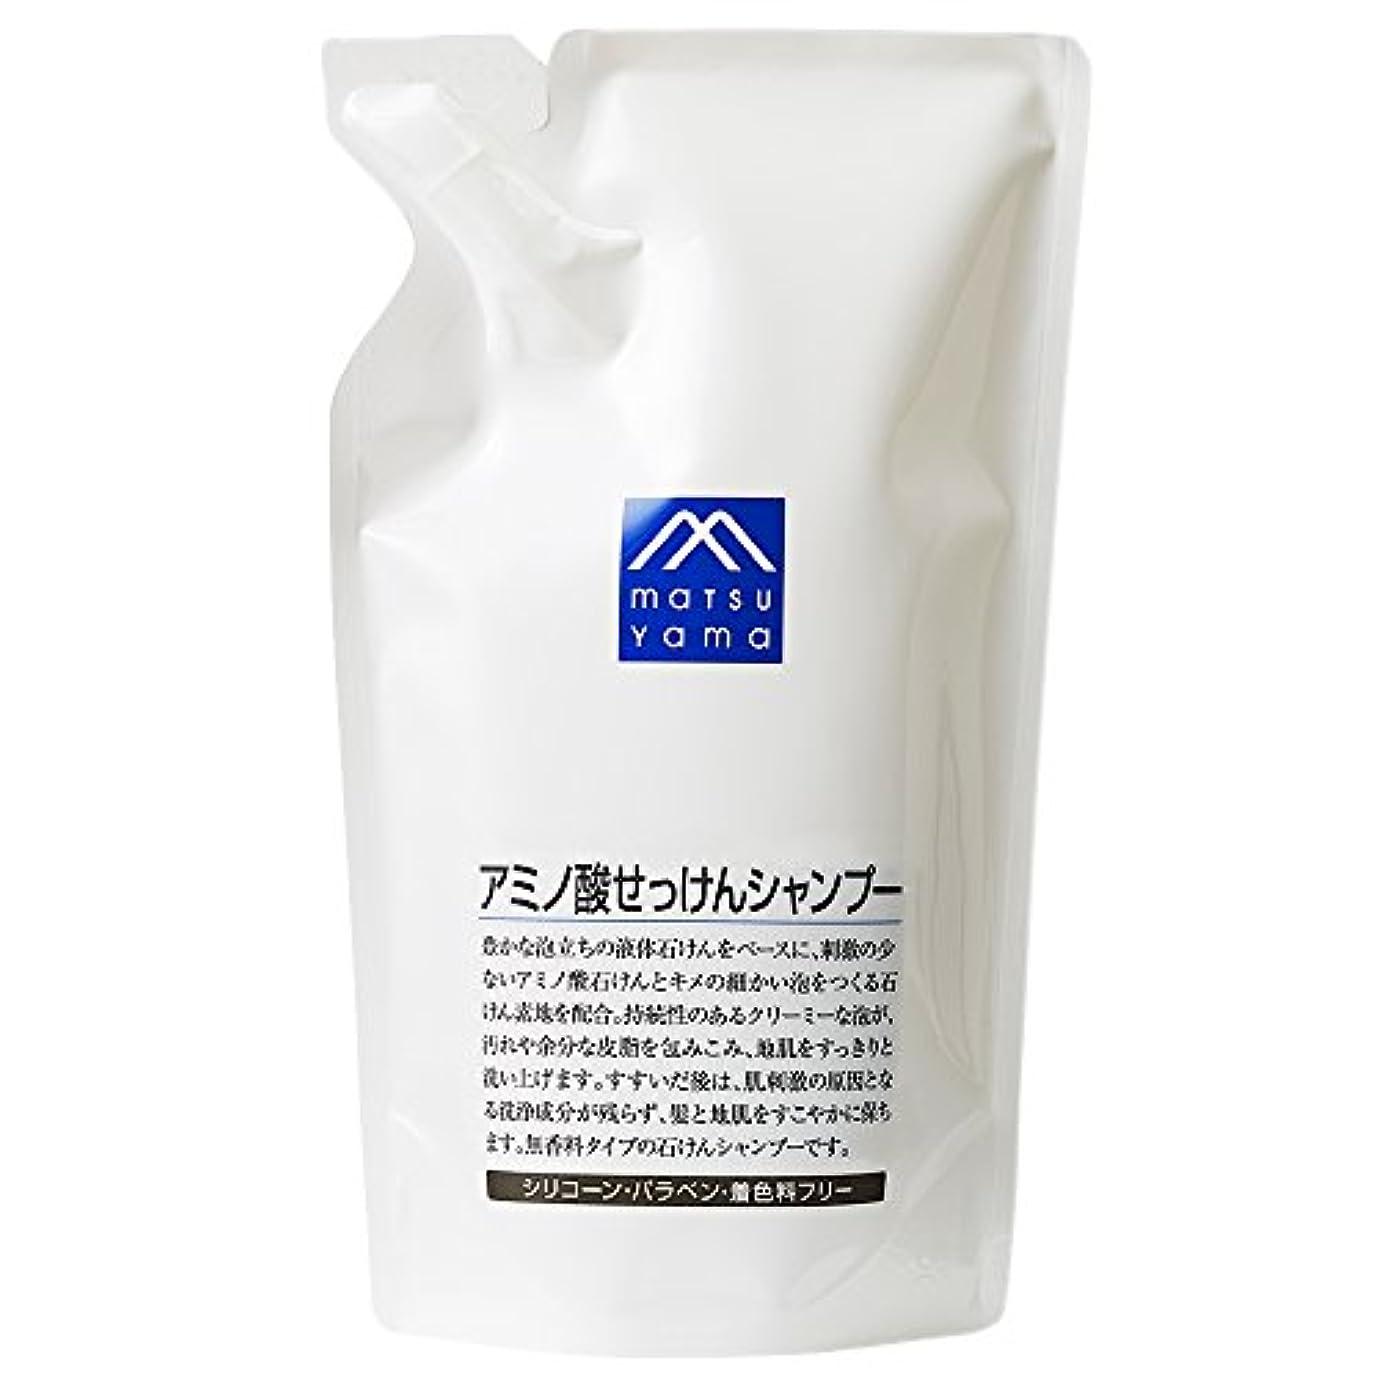 破壊的ラビリンスマイナスM-mark アミノ酸せっけんシャンプー 詰替用